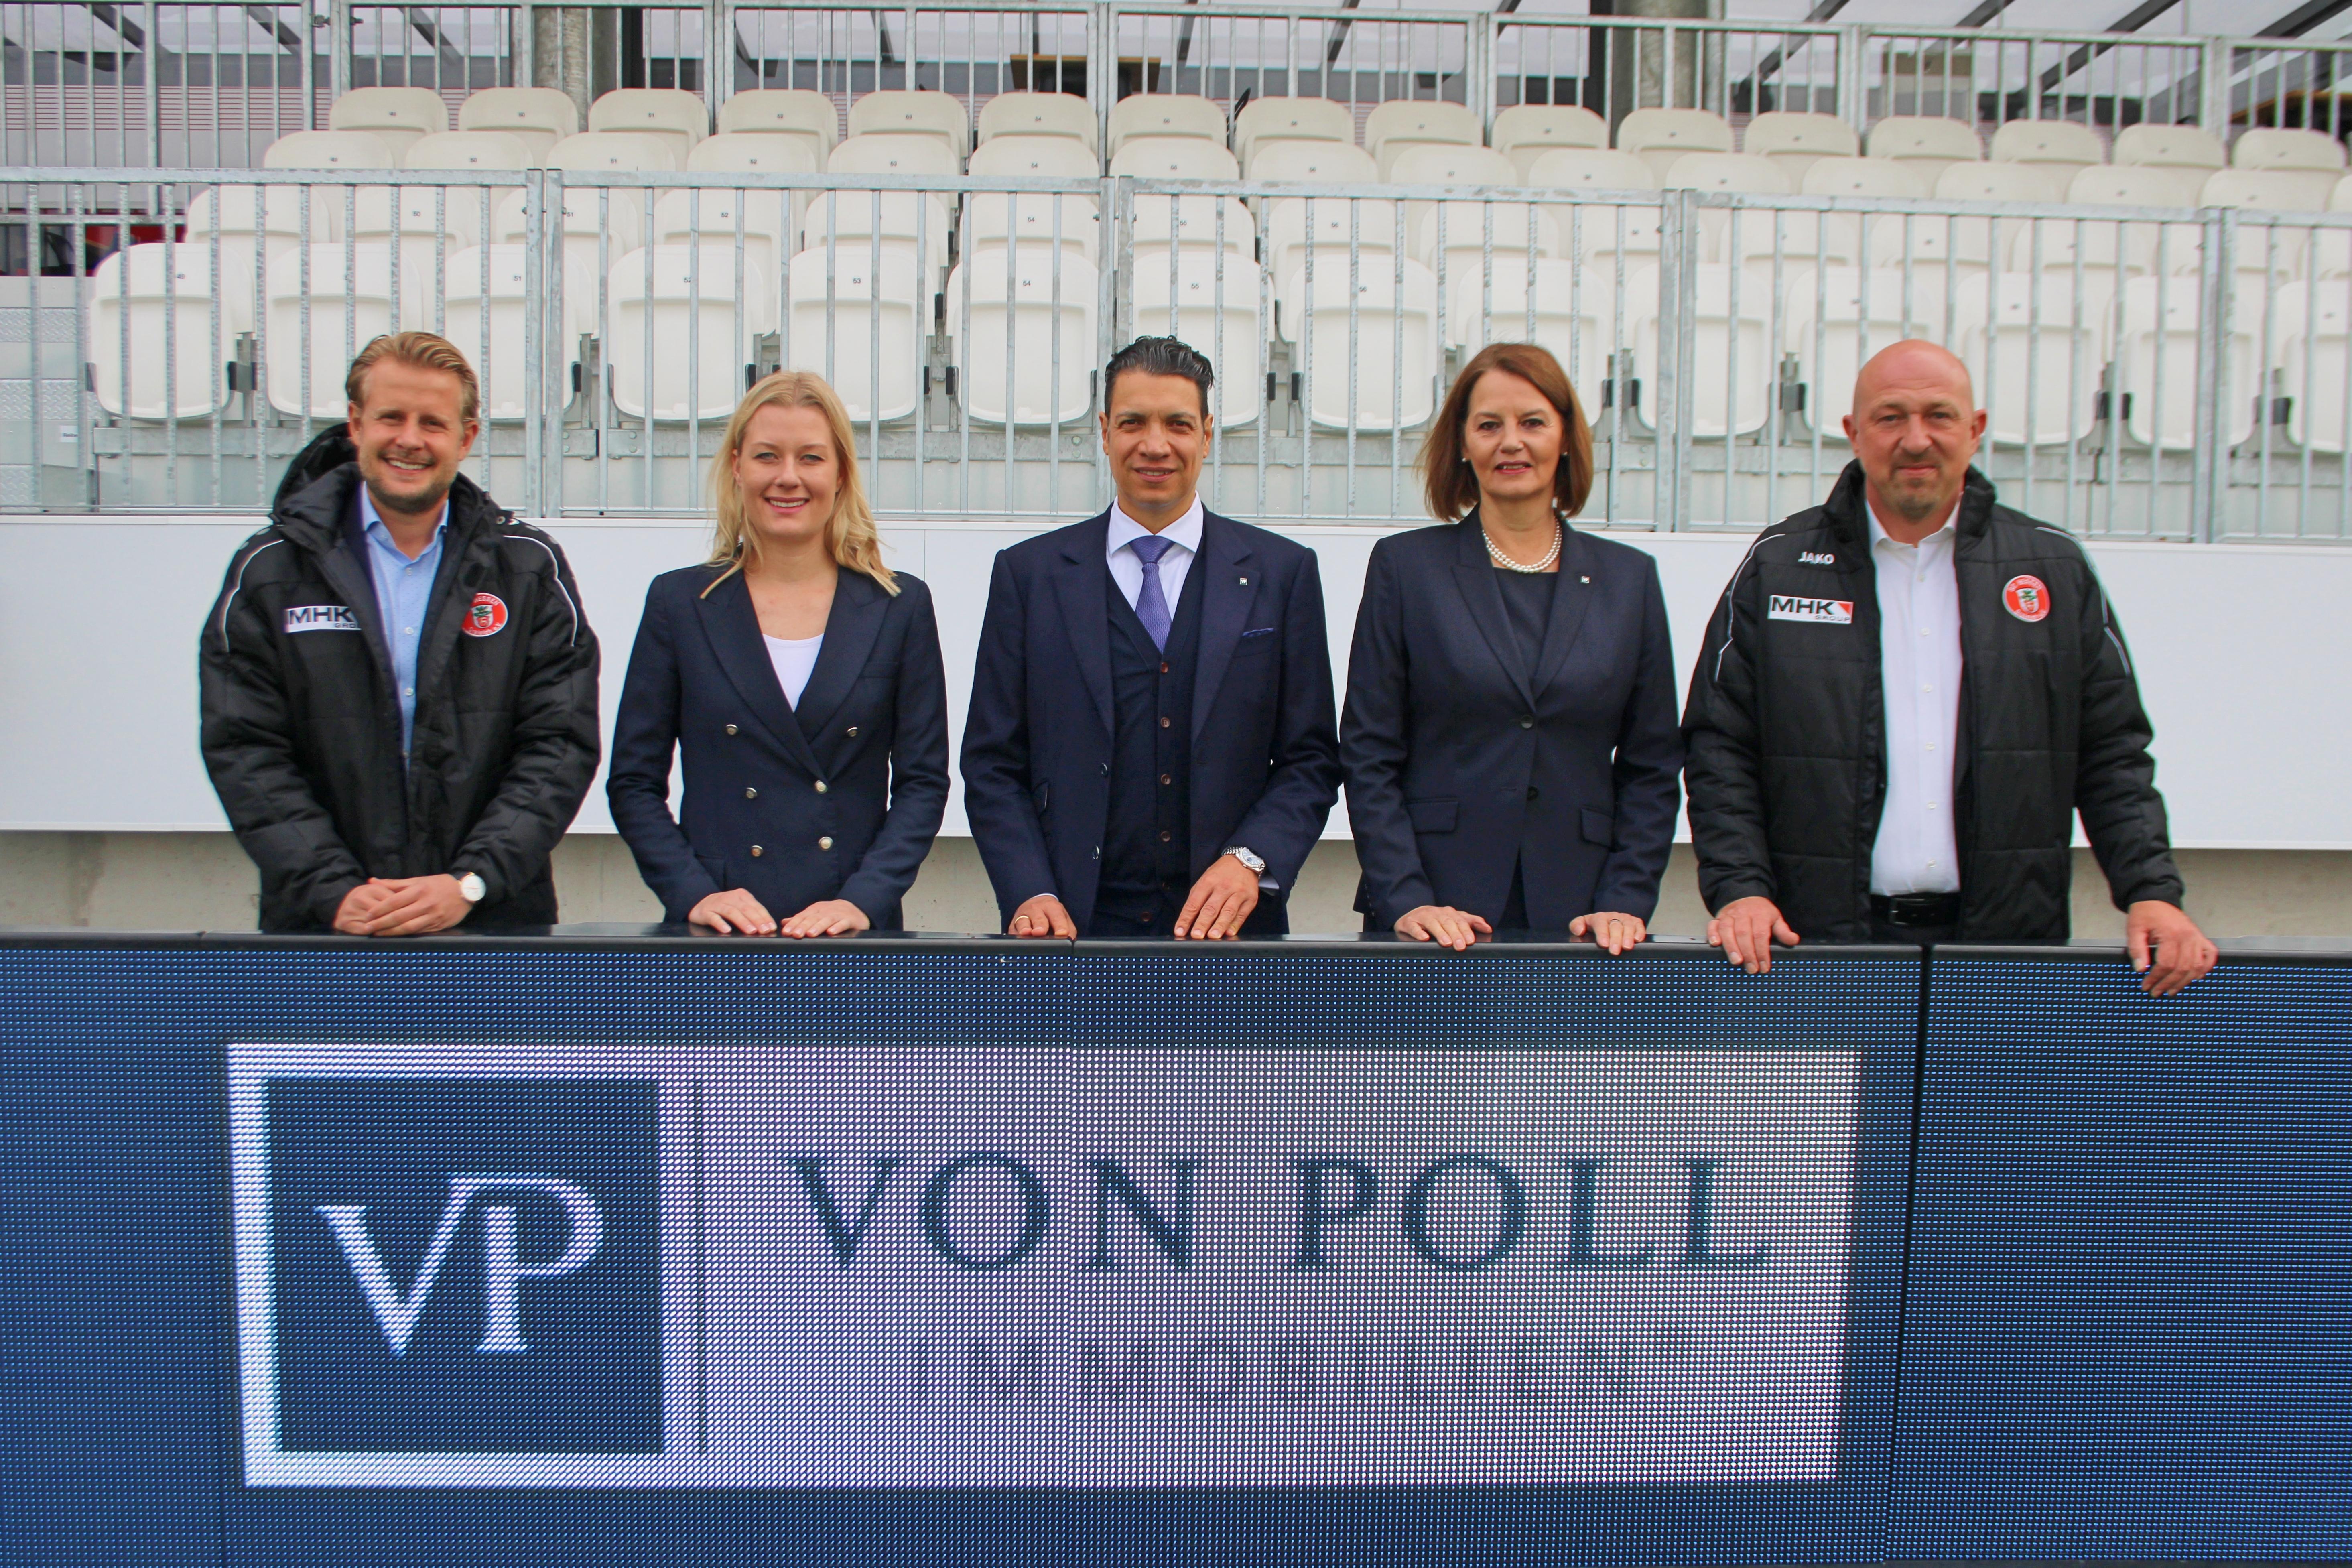 v.l.n.r.: Dennis Schemel, Sabine Trippel, Sassan Hilgendorf, Claudia Breforth, Sascha Schnobrich